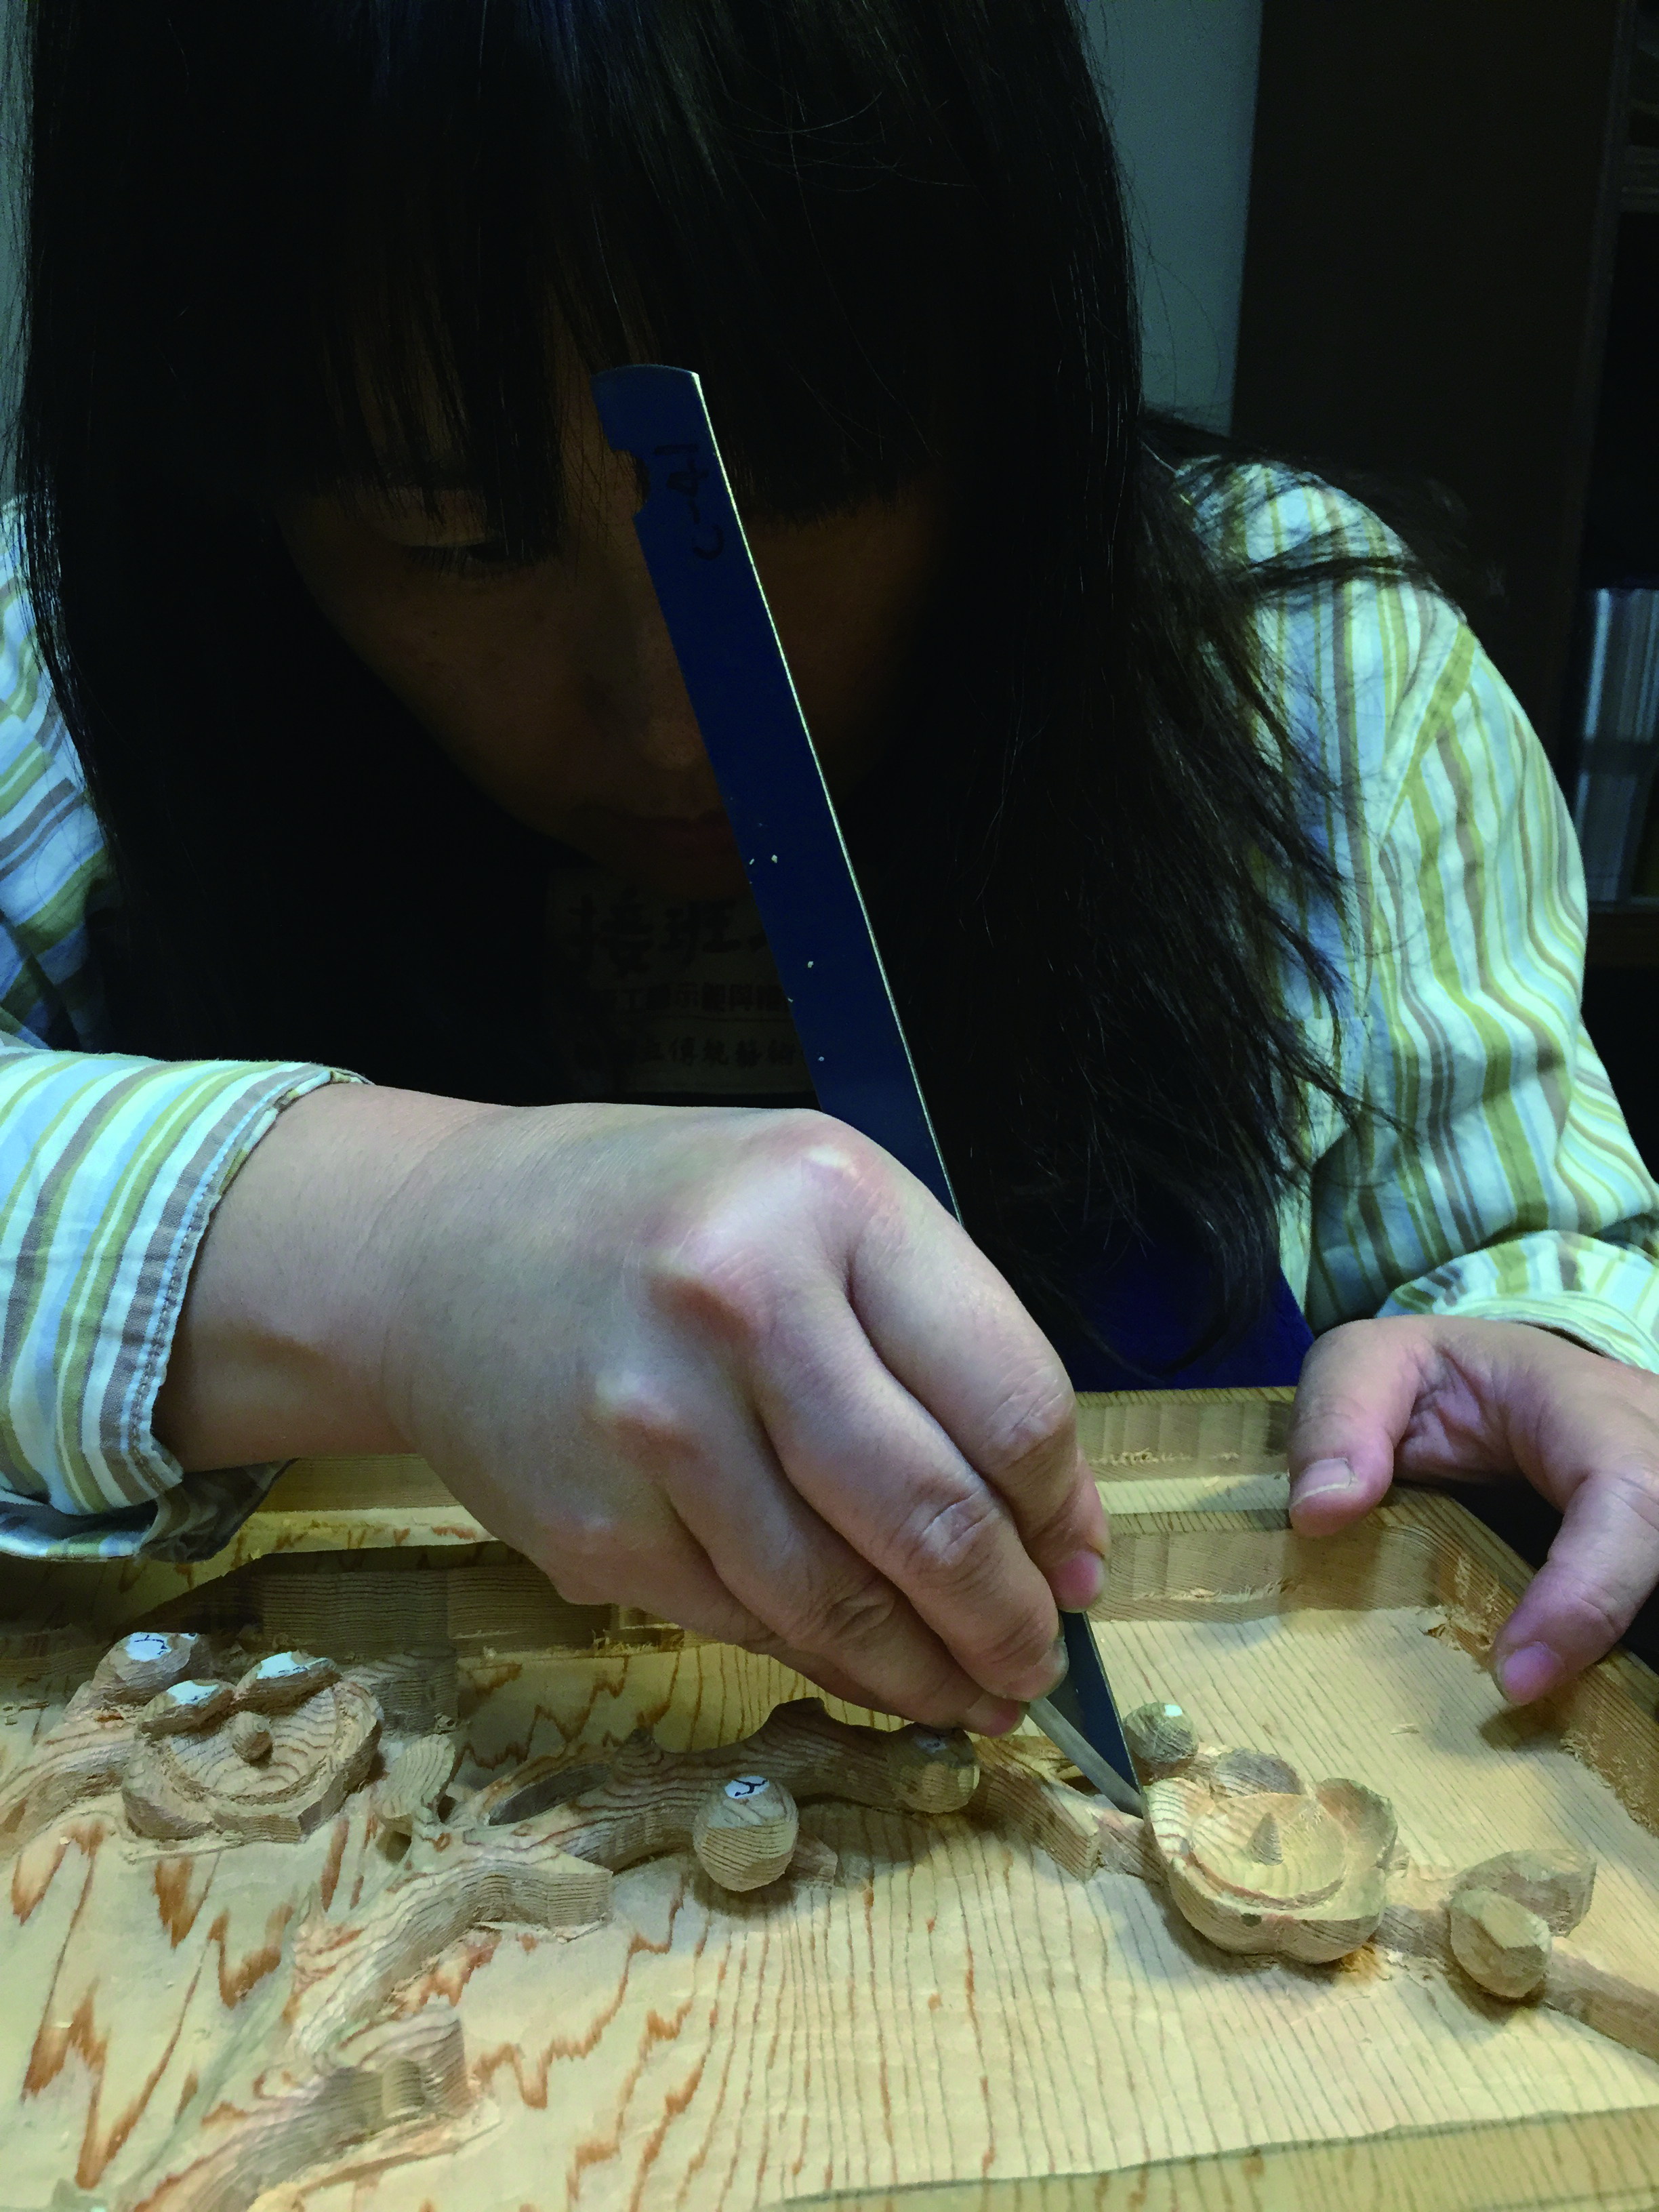 5 遊人離去後的工坊是工藝師更可以沉澱專注的創作天地 (圖為施懿紋).JPG